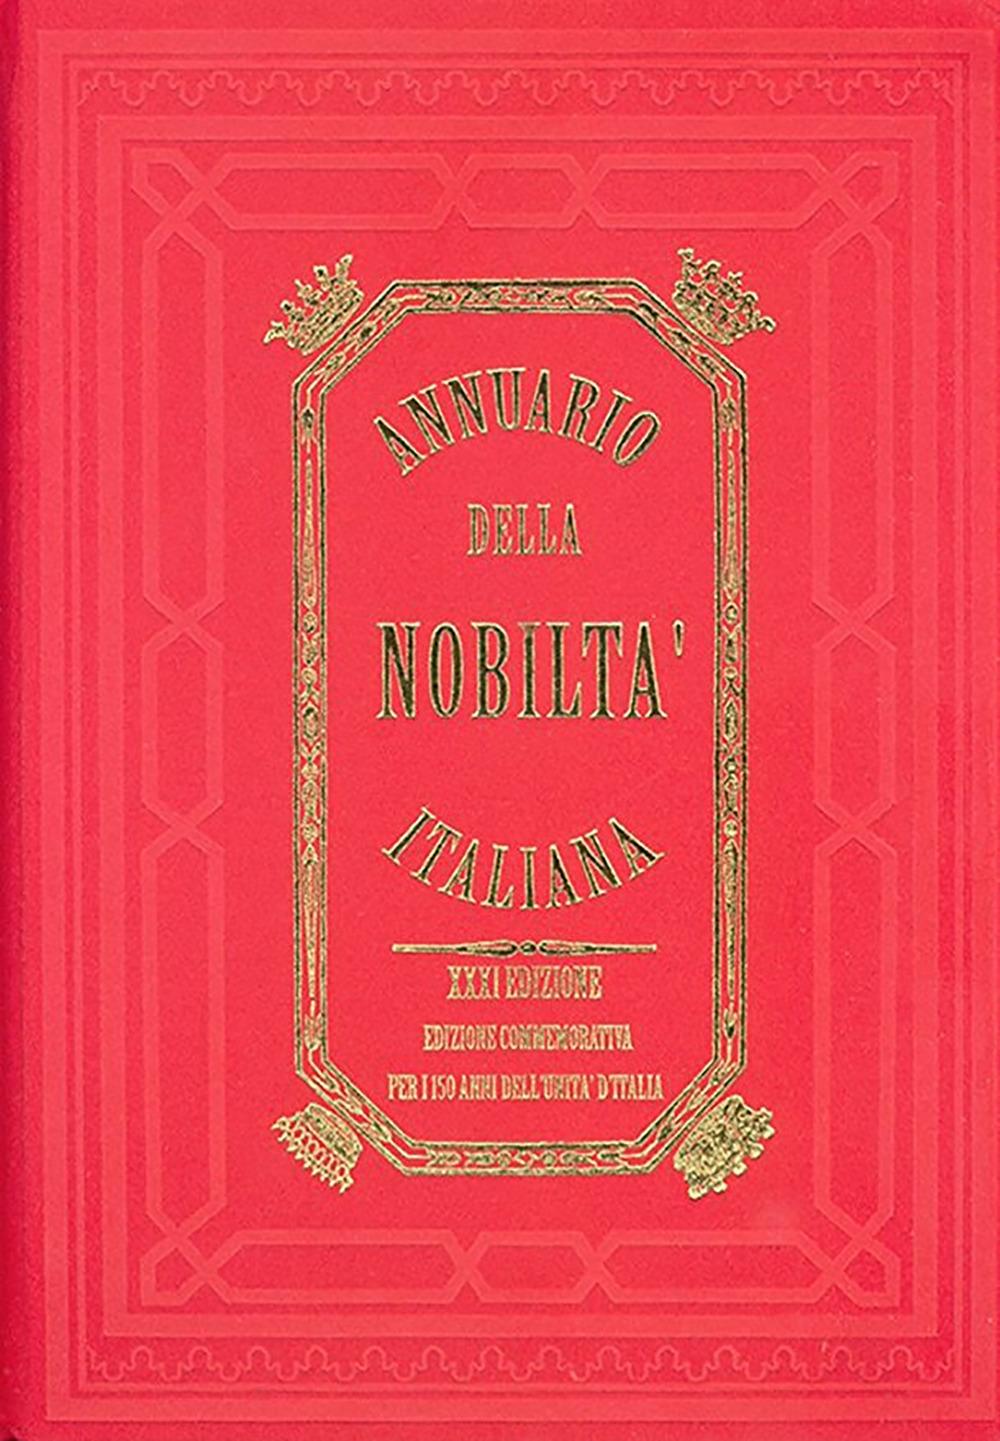 Annuario della nobiltà italiana. Nuova serie. Ediz. monumentale per i 150 anni dell'unità d'Italia (2010). Vol. 3